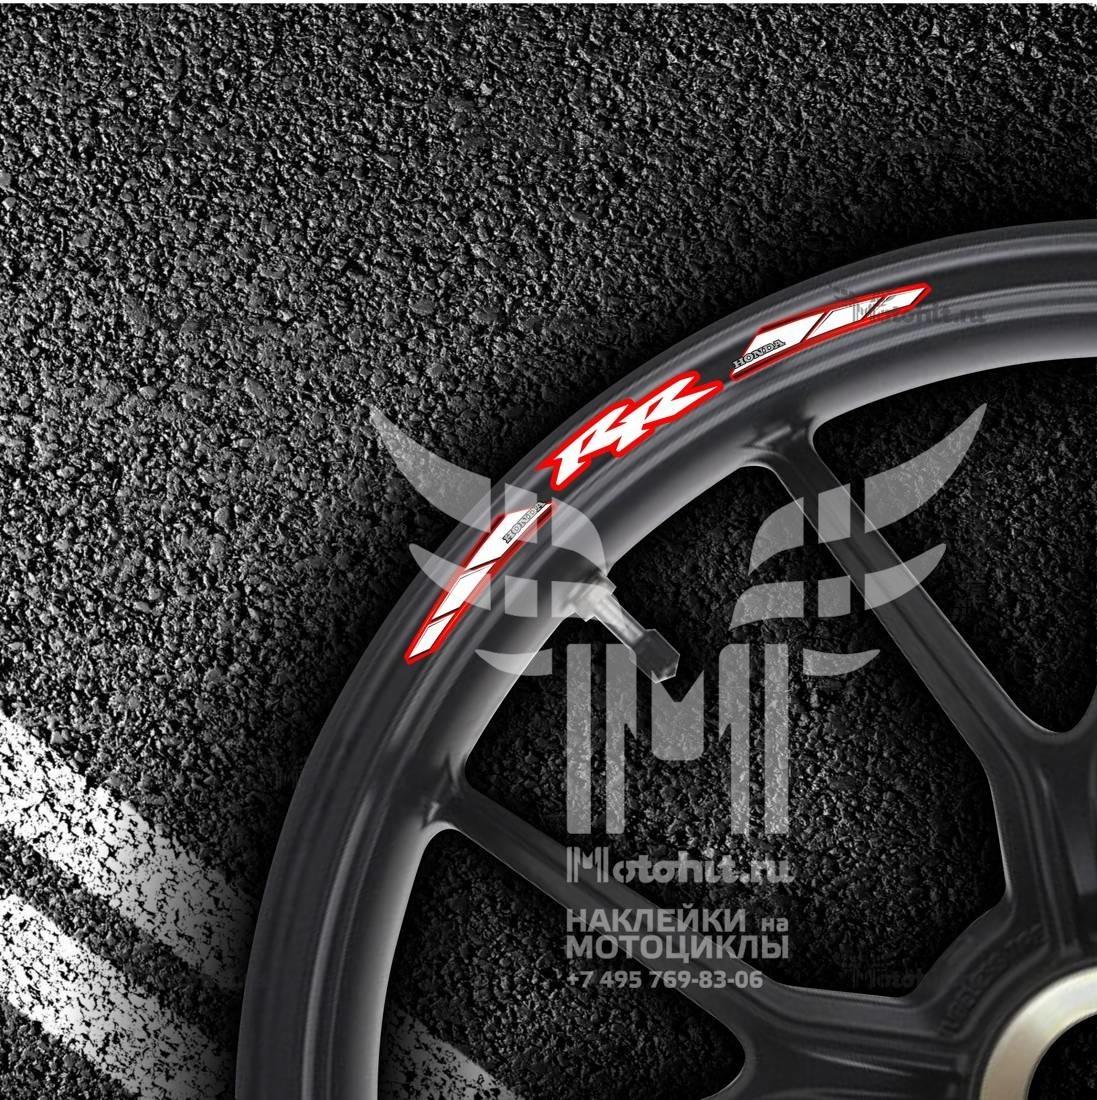 Комплект наклеек на обод колеса мотоцикла HONDA RR